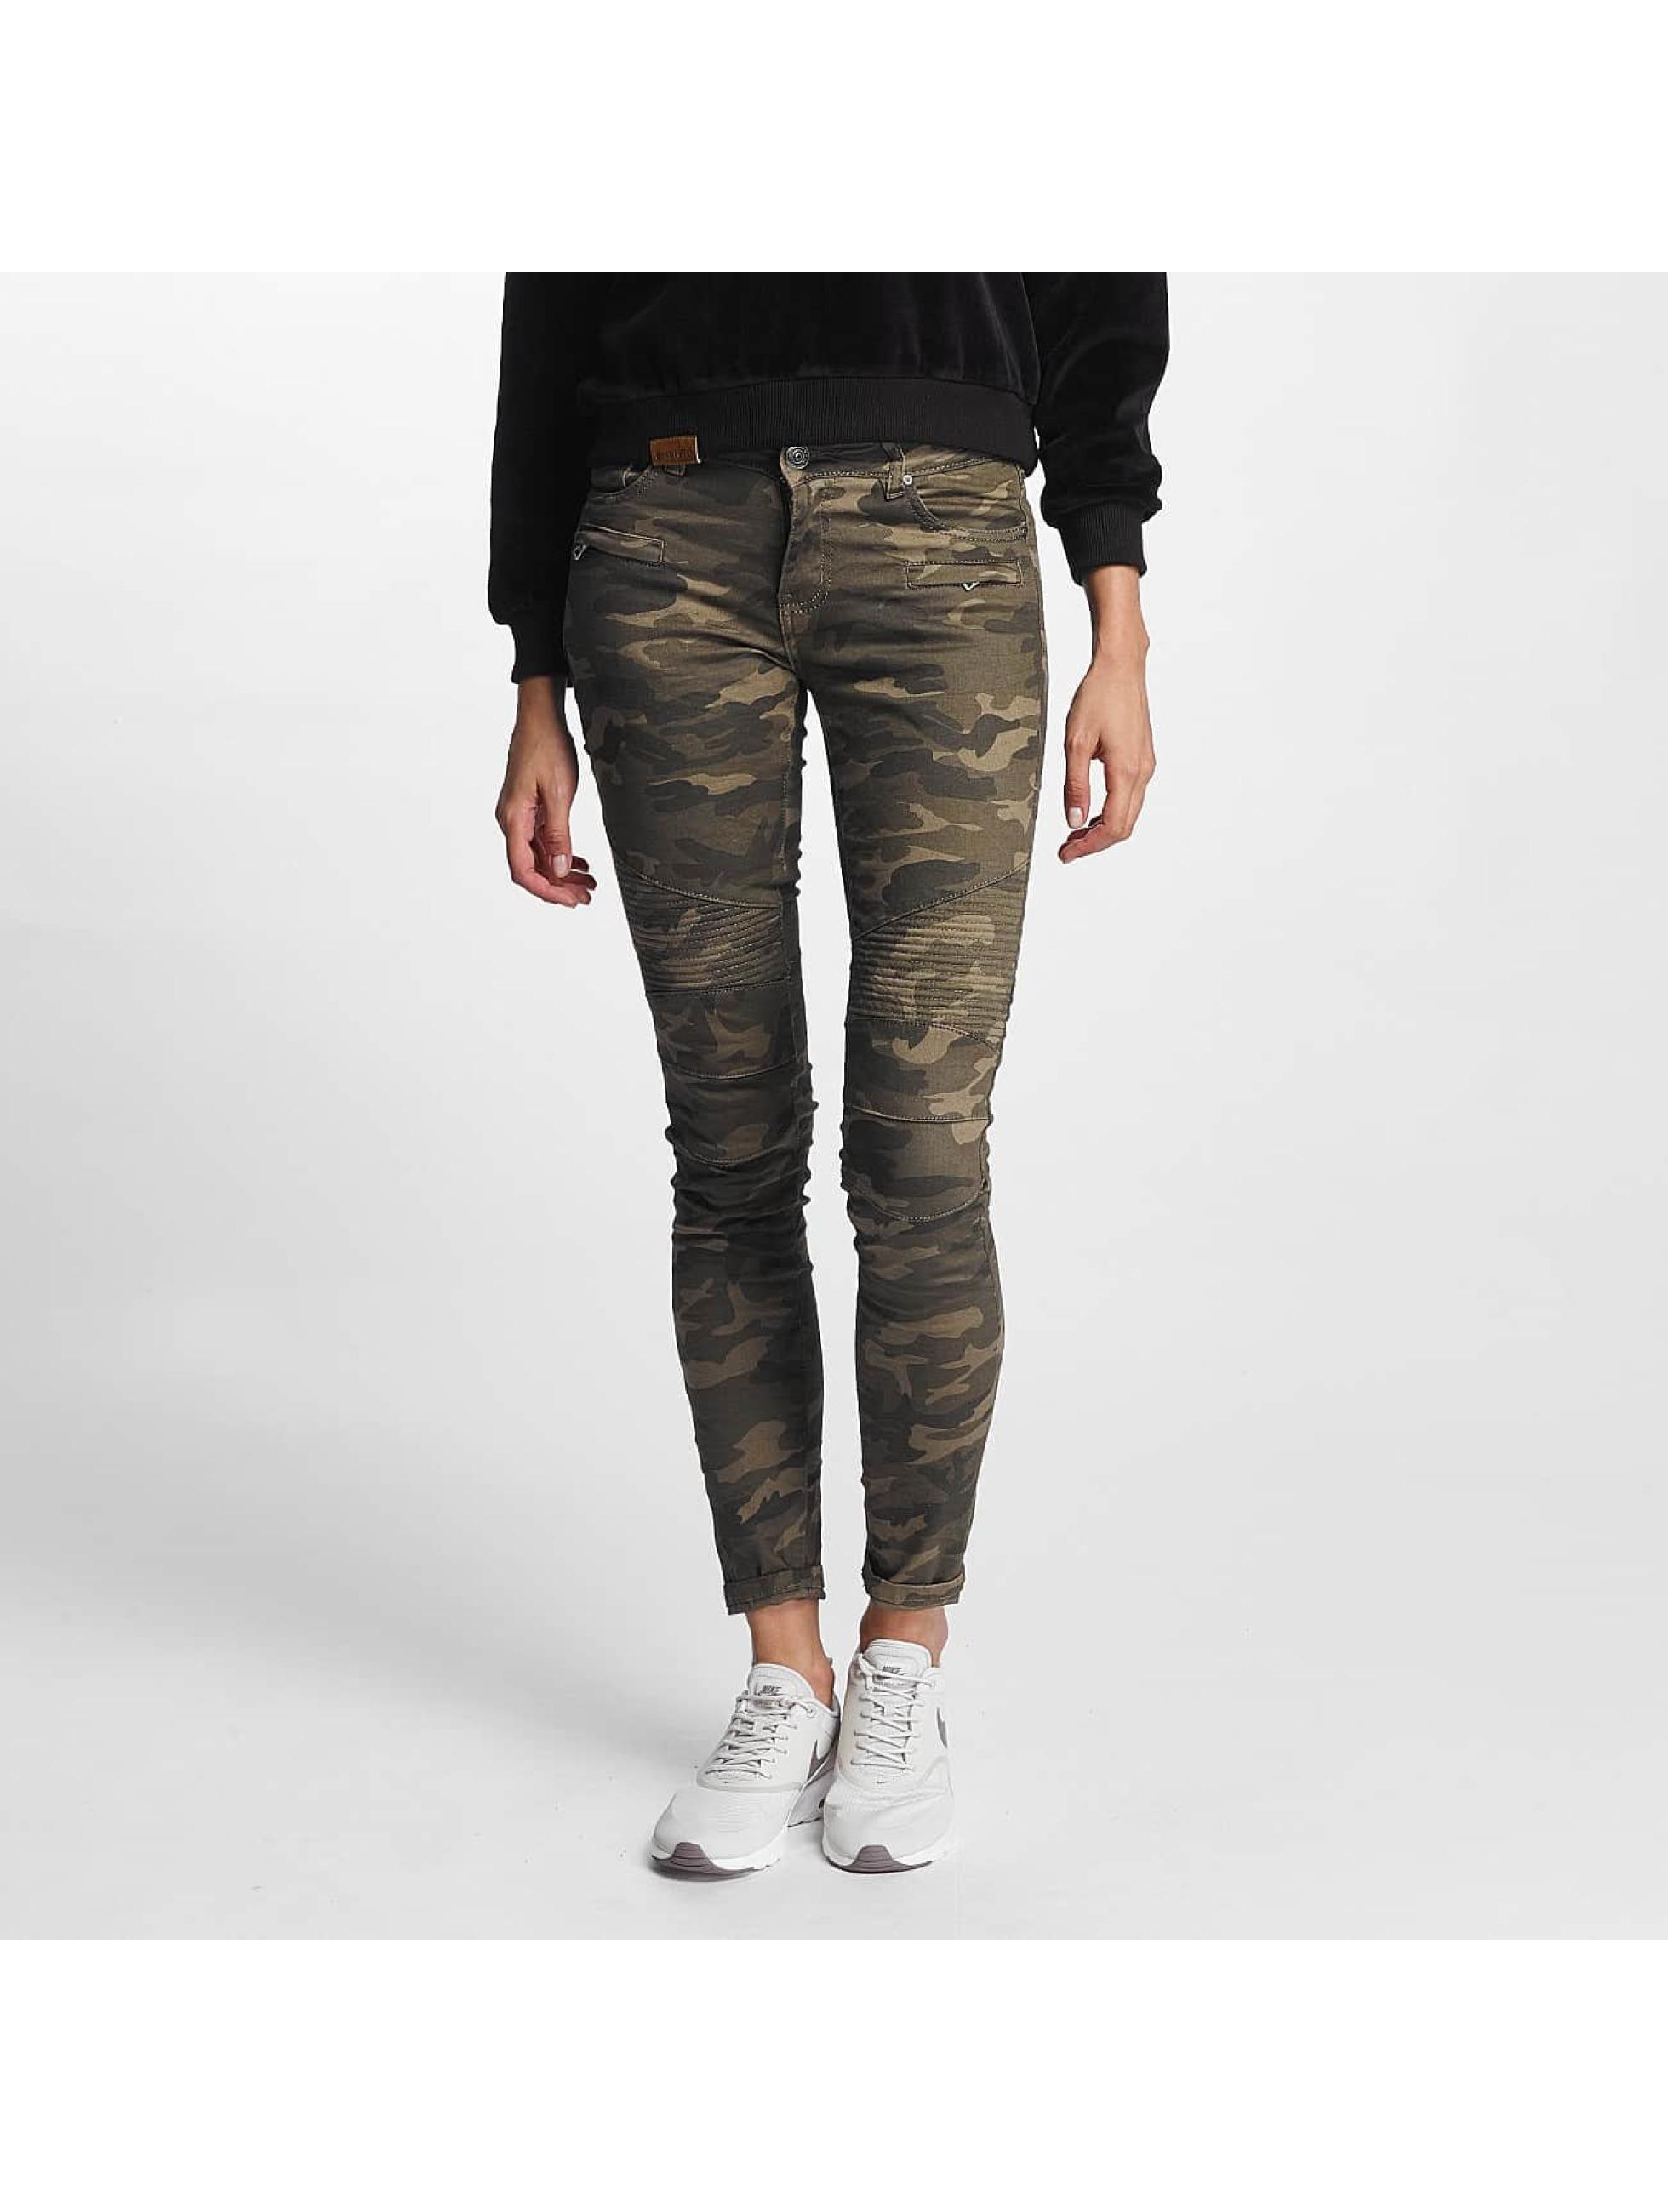 Hailys / Skinny Jeans Kina Biker in camouflage